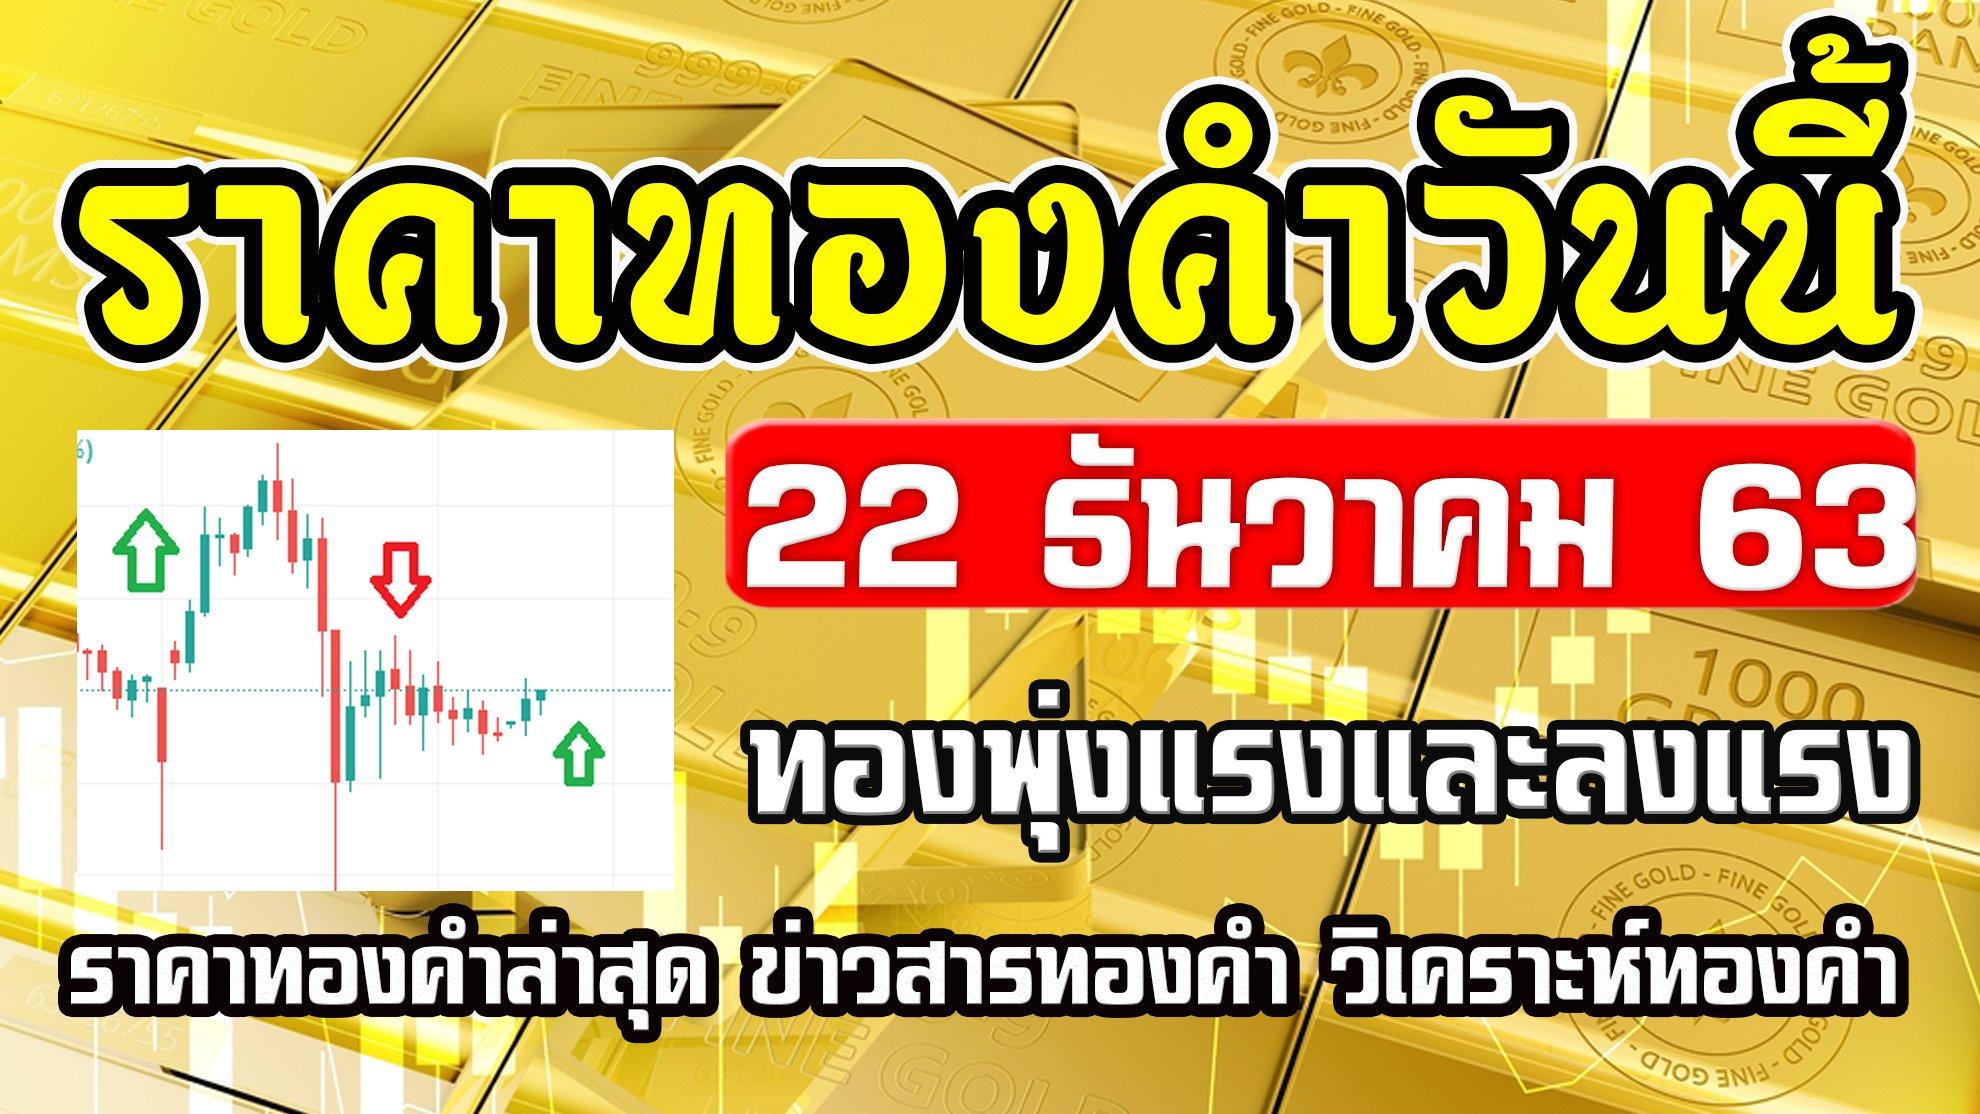 ราคาทองวันนี้ 22/12/63 ราคาทองคำวันนี้ 22ธันวาคม63 ราคาทองล่าสุด วิเคราะห์ทอง แนวโน้มราคาทองวันนี้